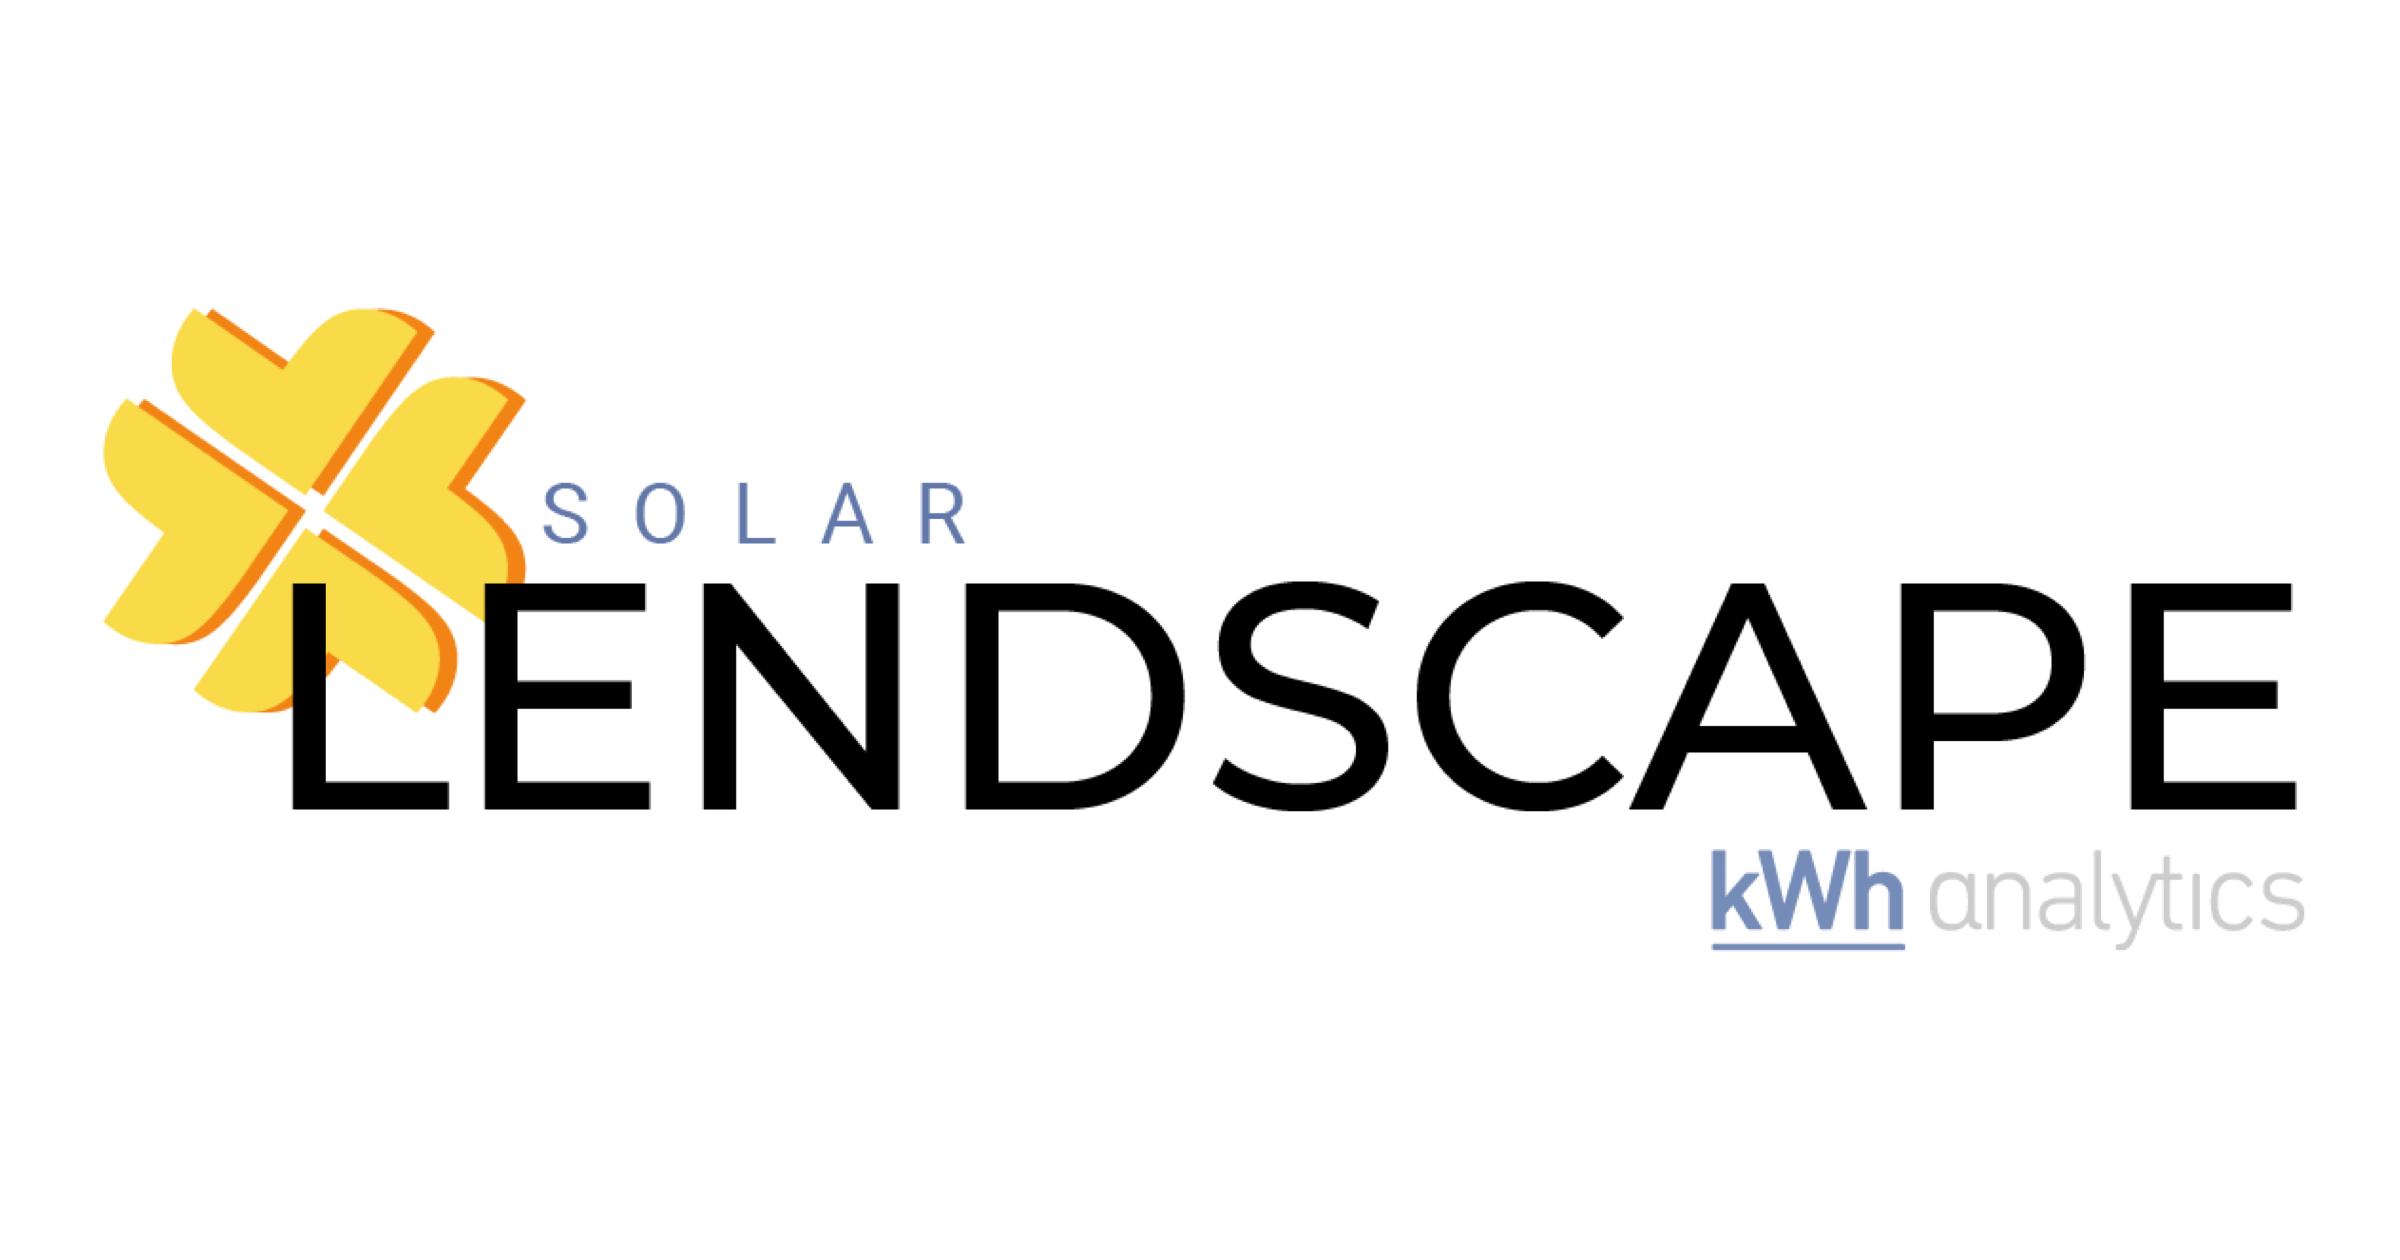 solar_lendscape_social_media@2x.png